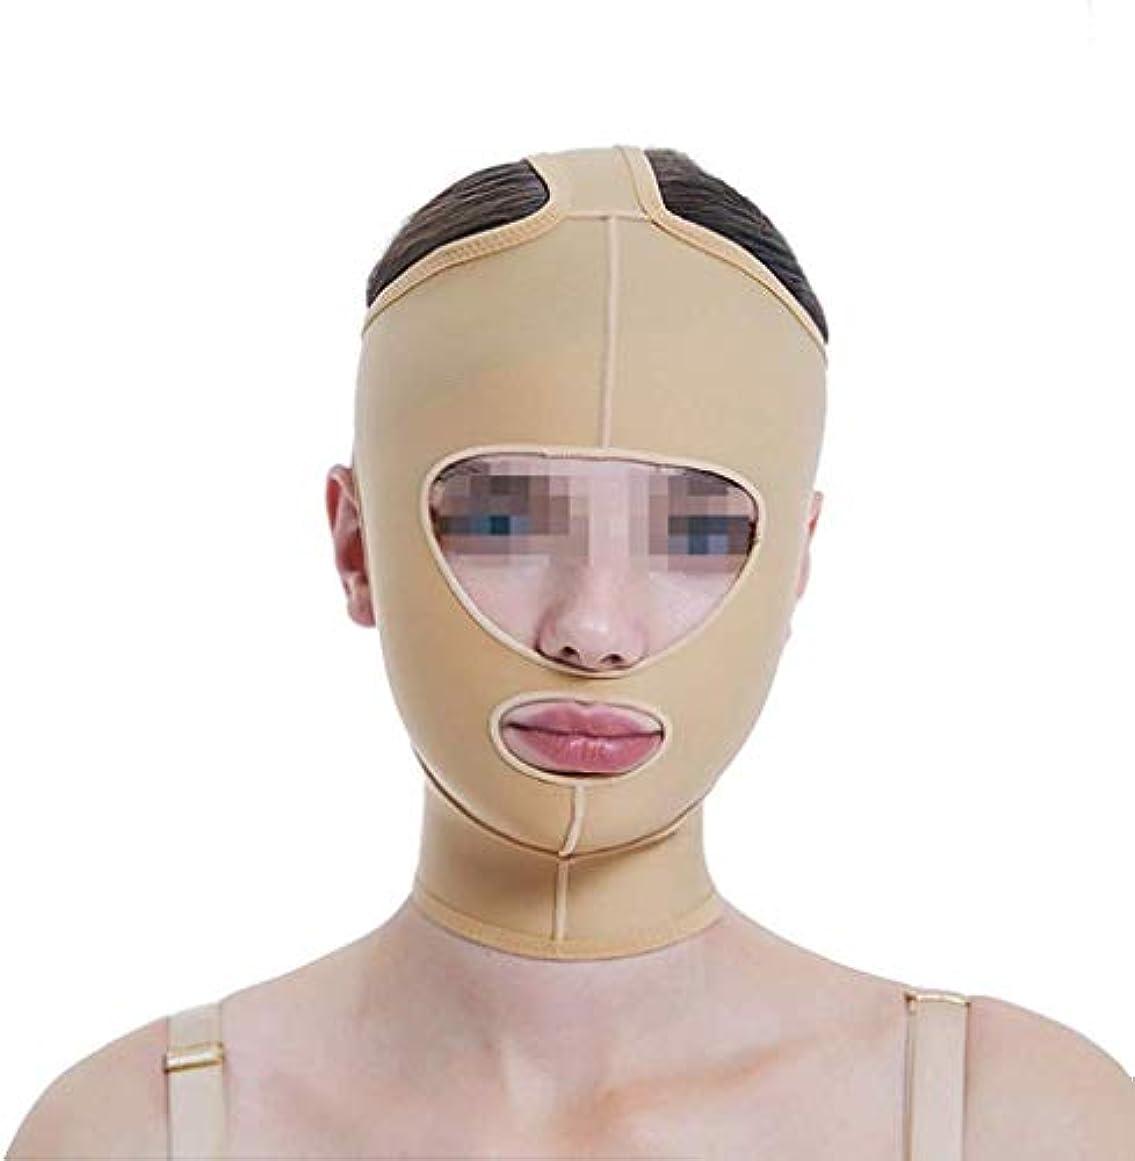 受け継ぐ苦味表現スリミングVフェイスマスク、フェイスリフトマスク、ラインカービングフェイスエラスティックセットシンダブルチンVフェイスビームフェイスマルチサイズオプション(サイズ:XXL)